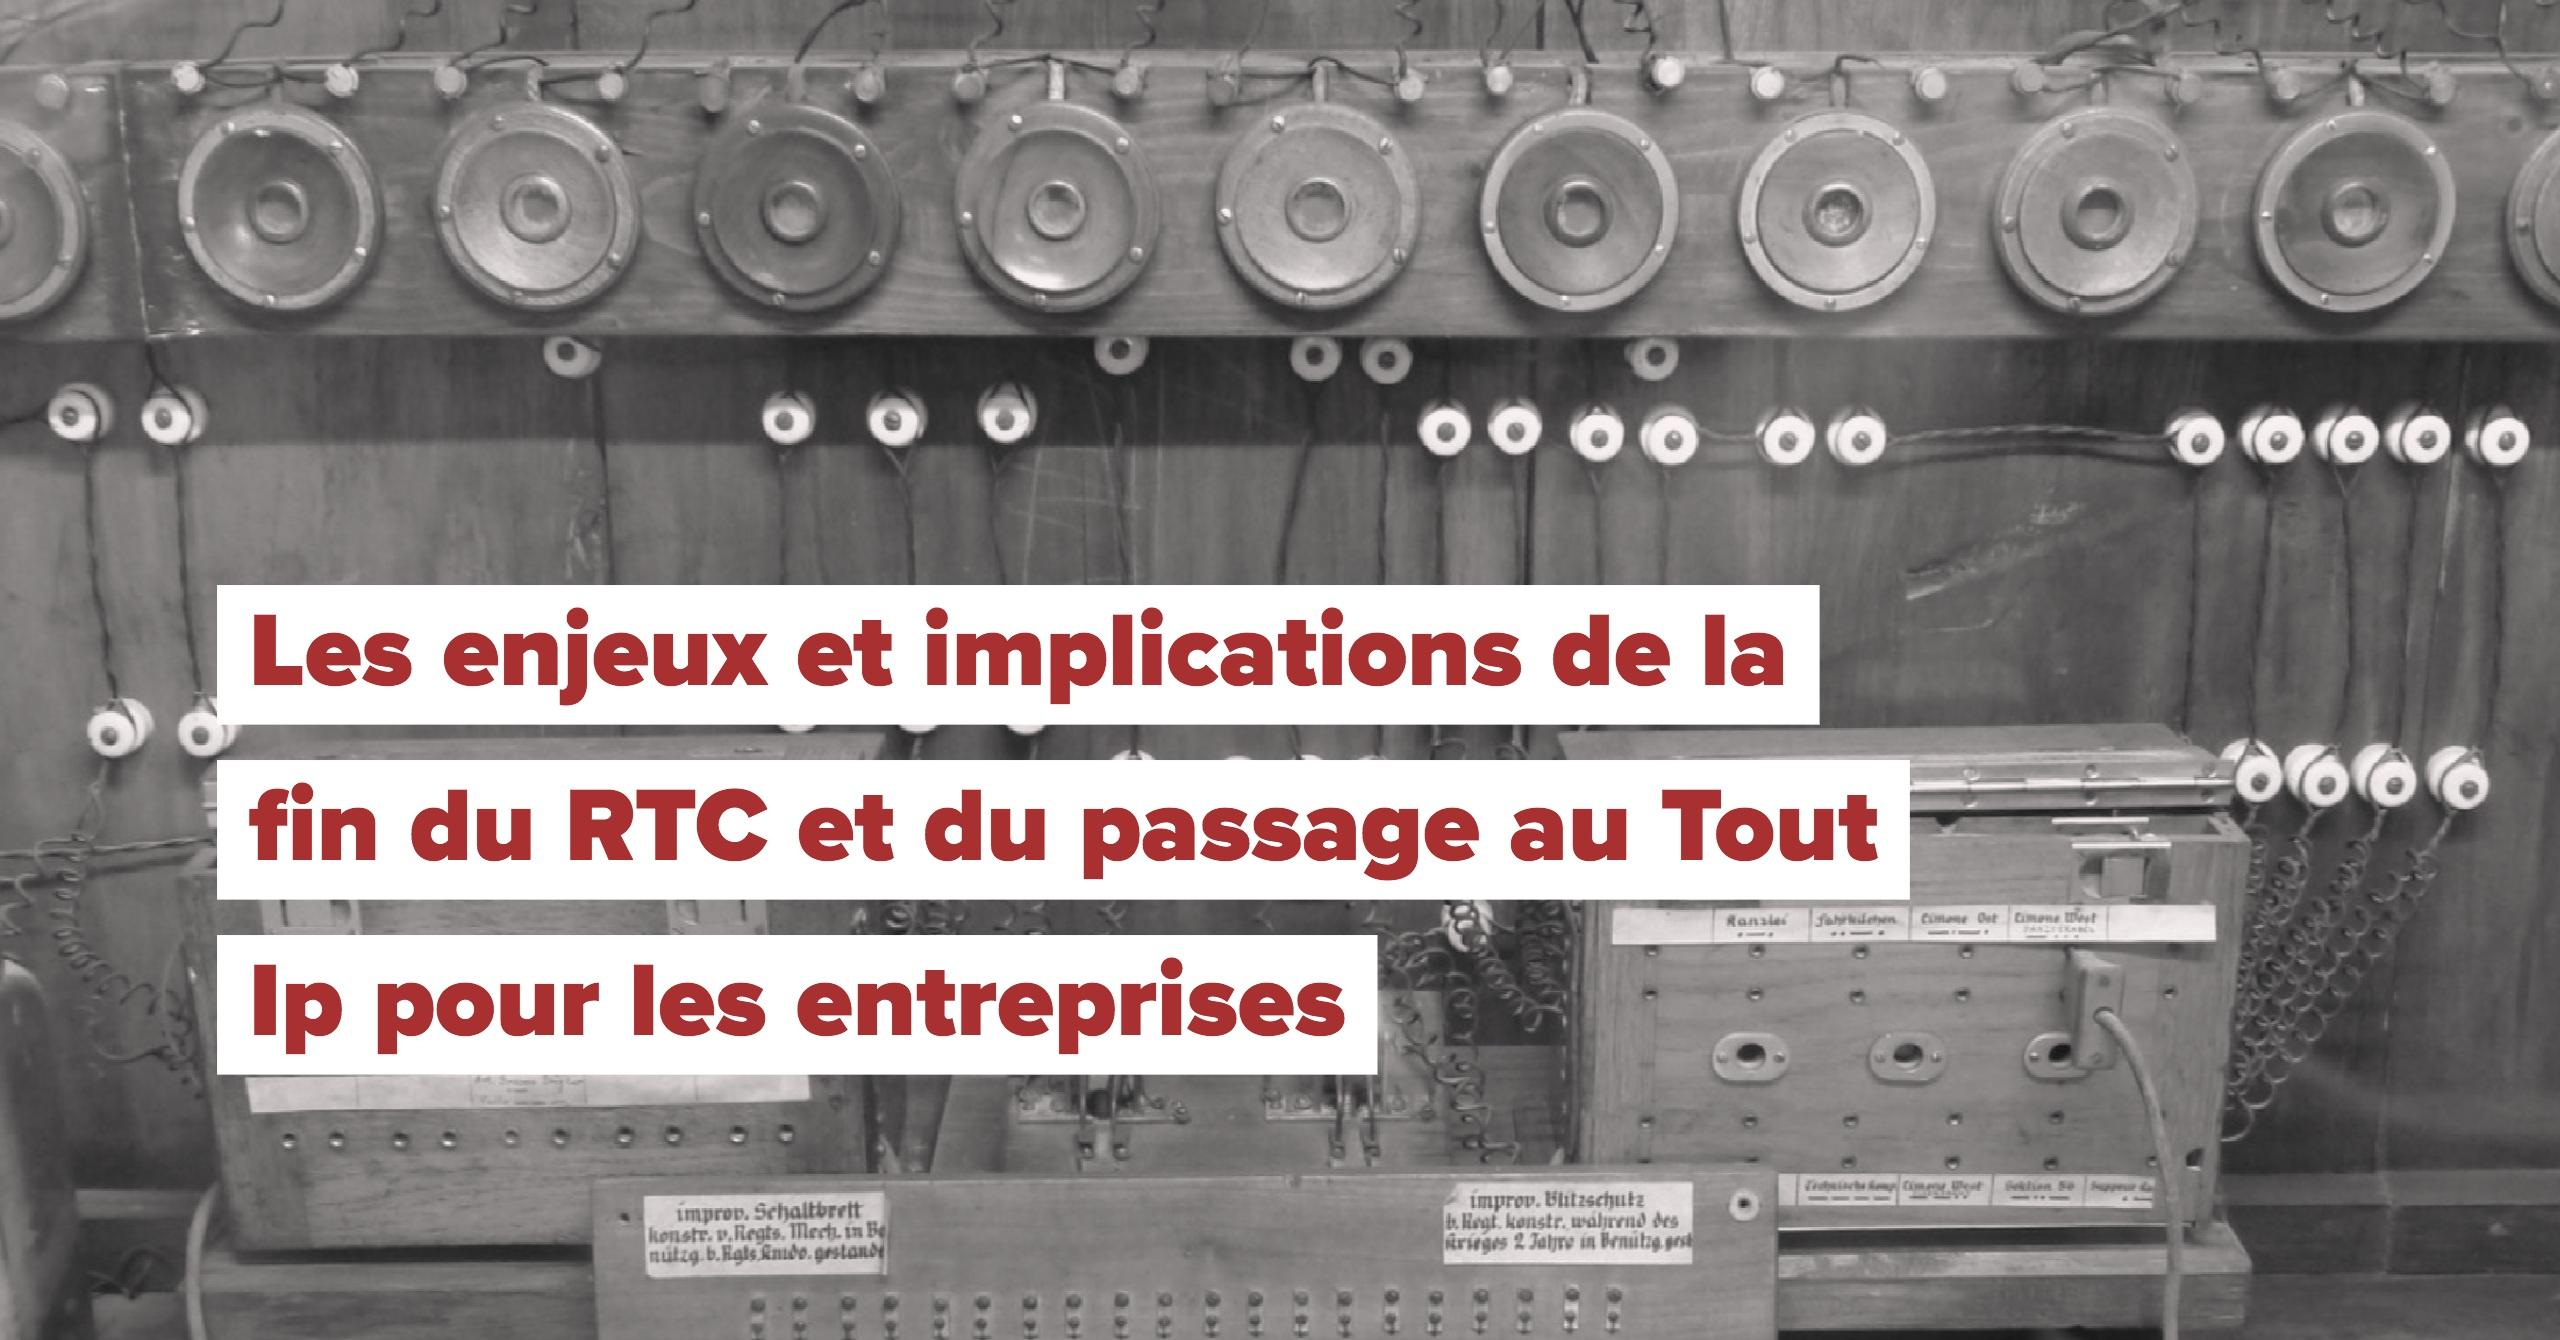 Les enjeux et implications de la fin du RTC et du passage au Tout Ip pour les entreprises.jpg